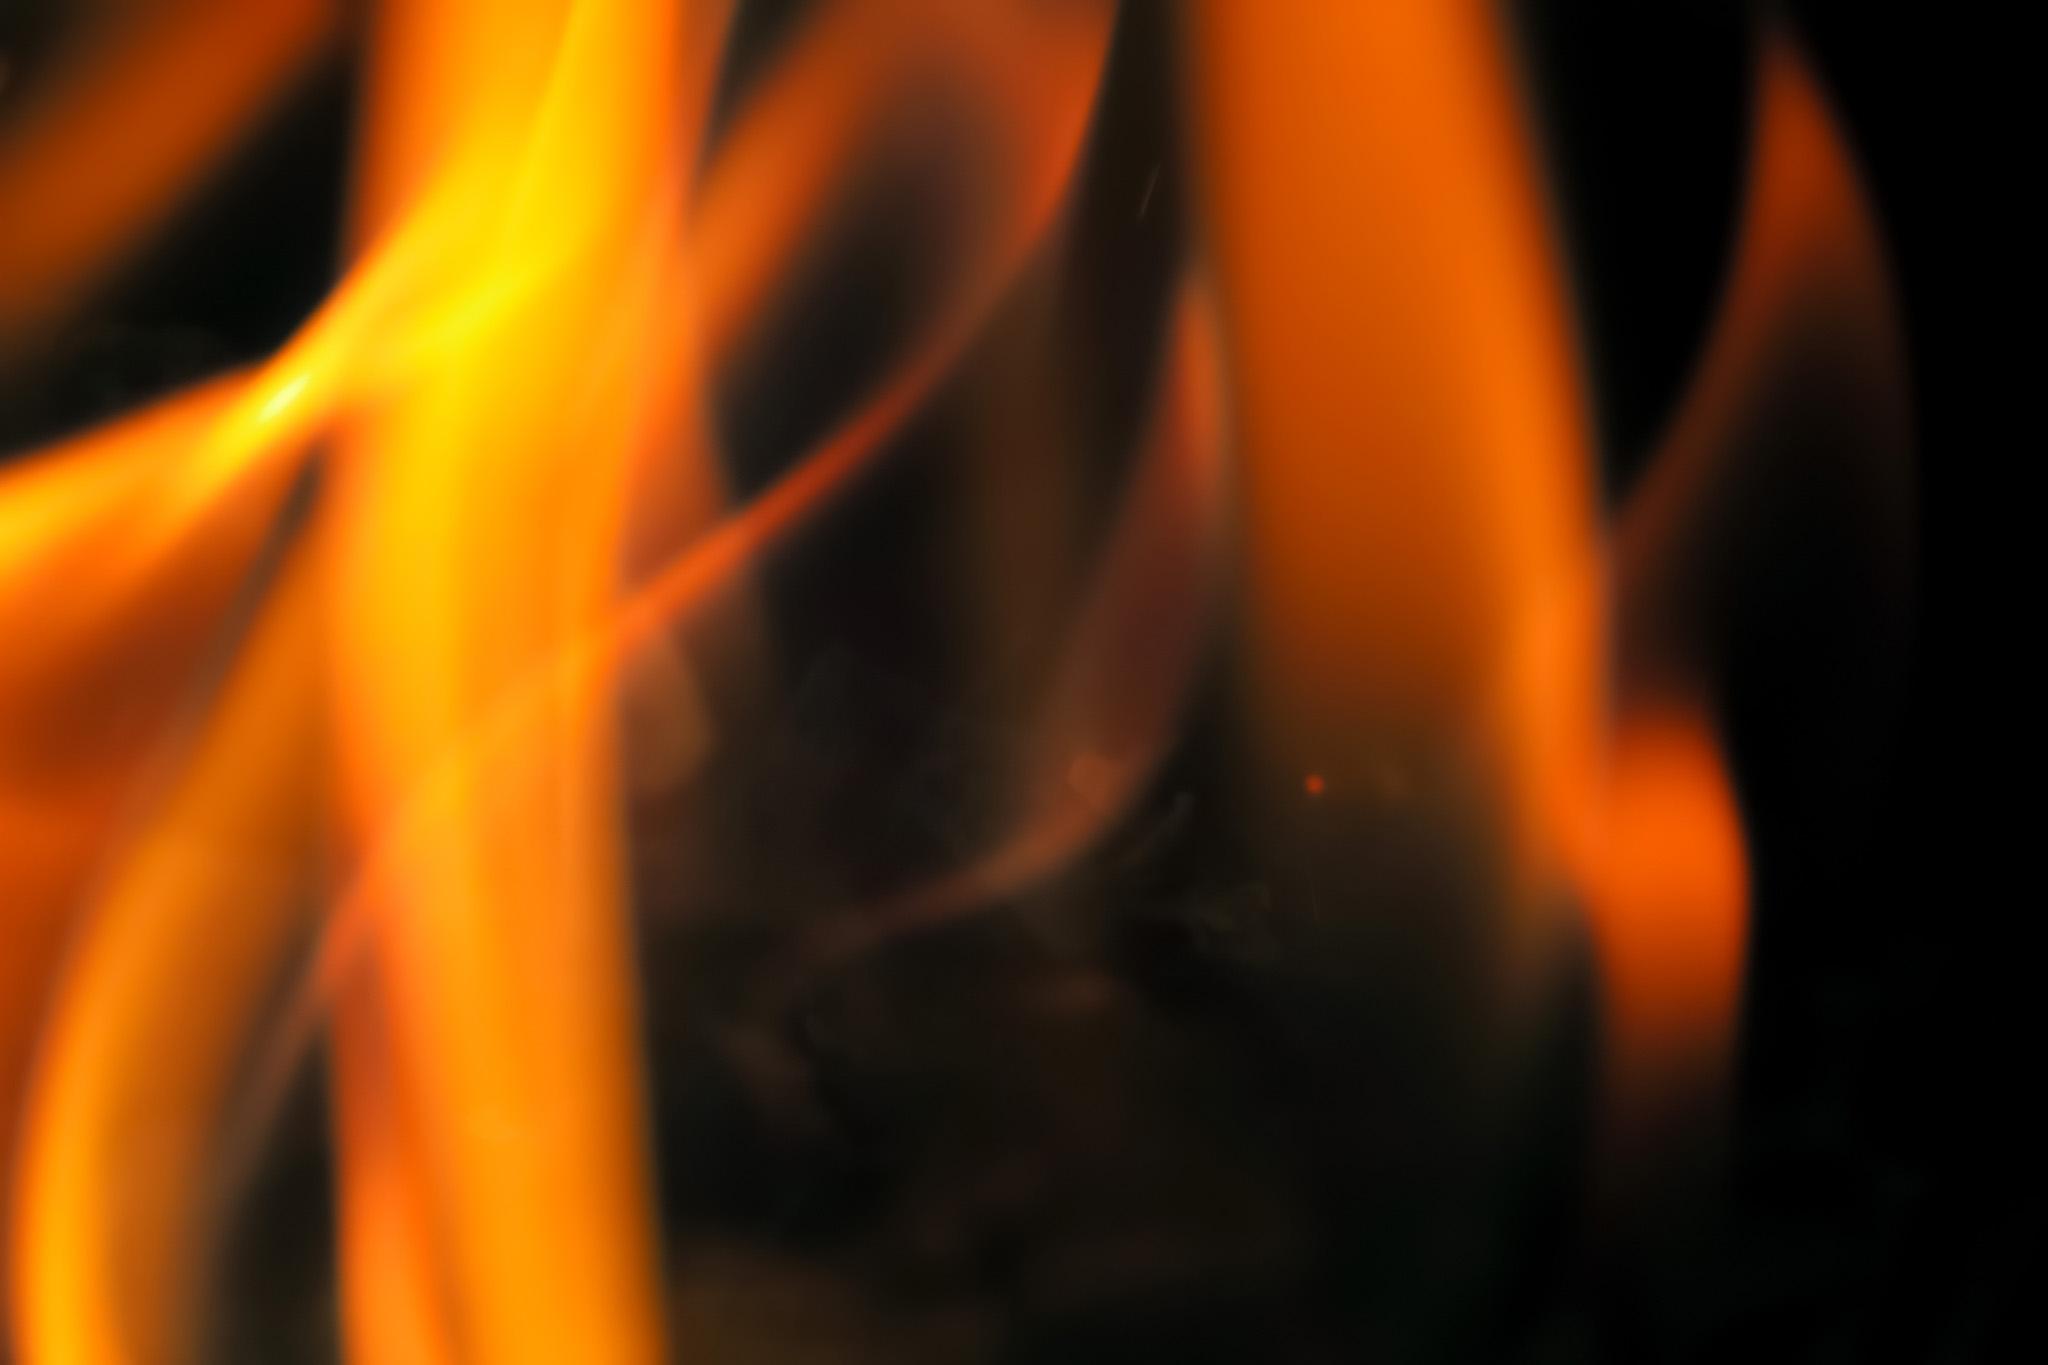 「揺れながら燃え立つ火」